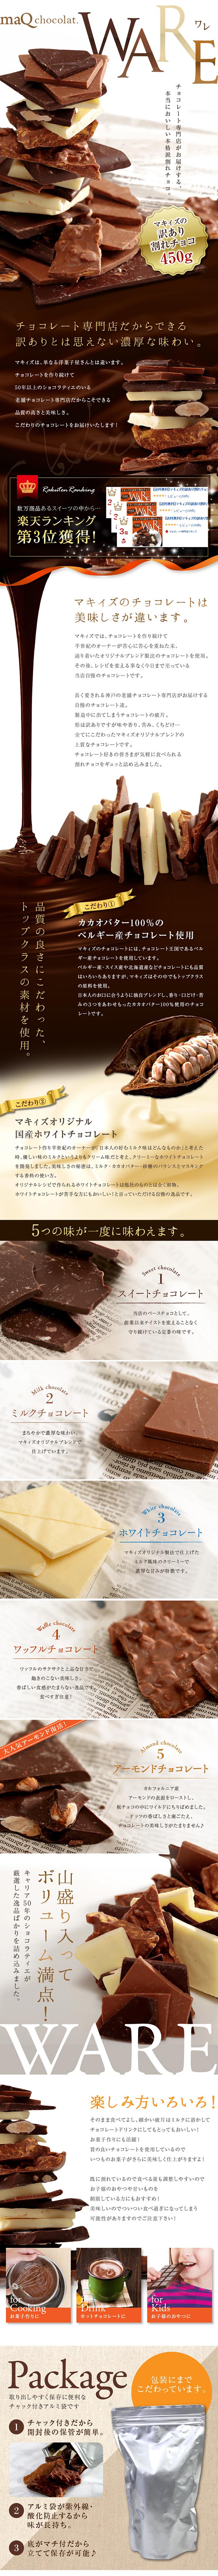 マックチョコレート WARE(ワレ)